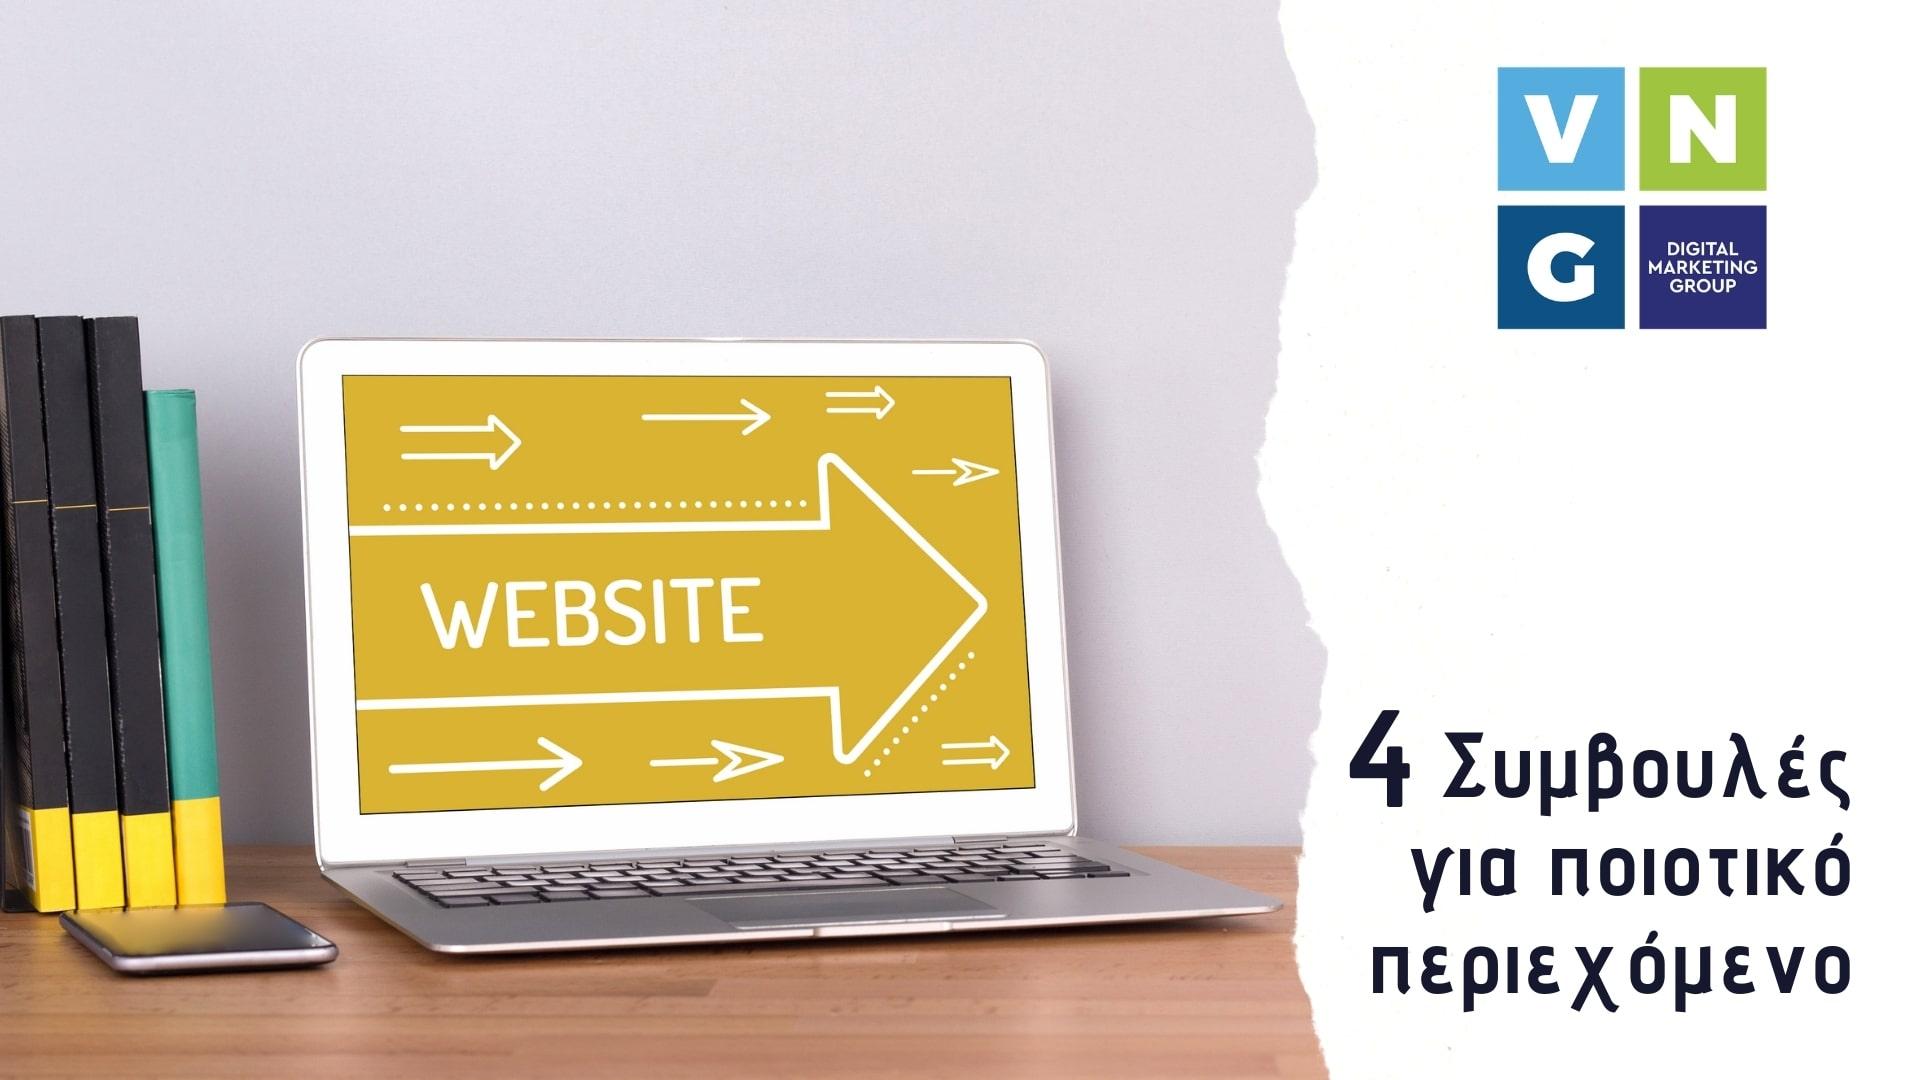 Συμβουλές για το πως θα δημιουργήσετε ποιοτικό περιεχόμενο για το website σας;